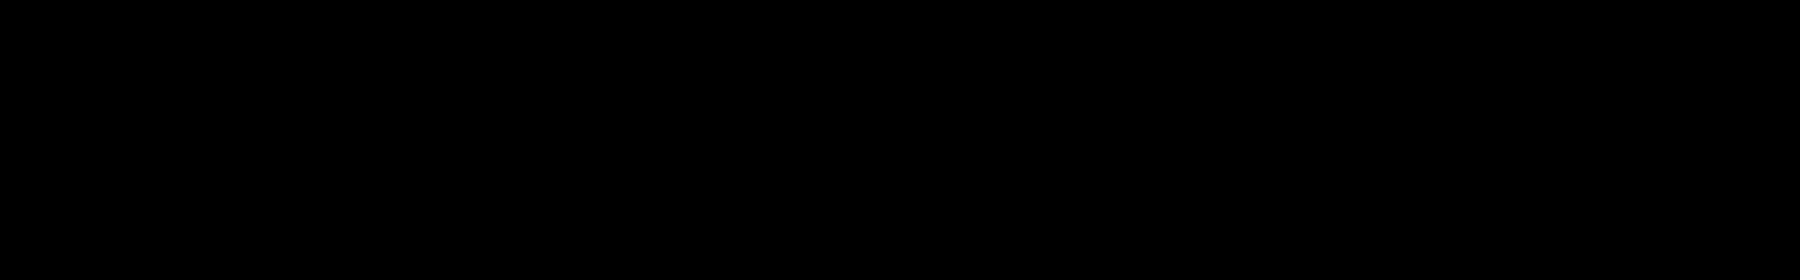 The 6ixer audio waveform